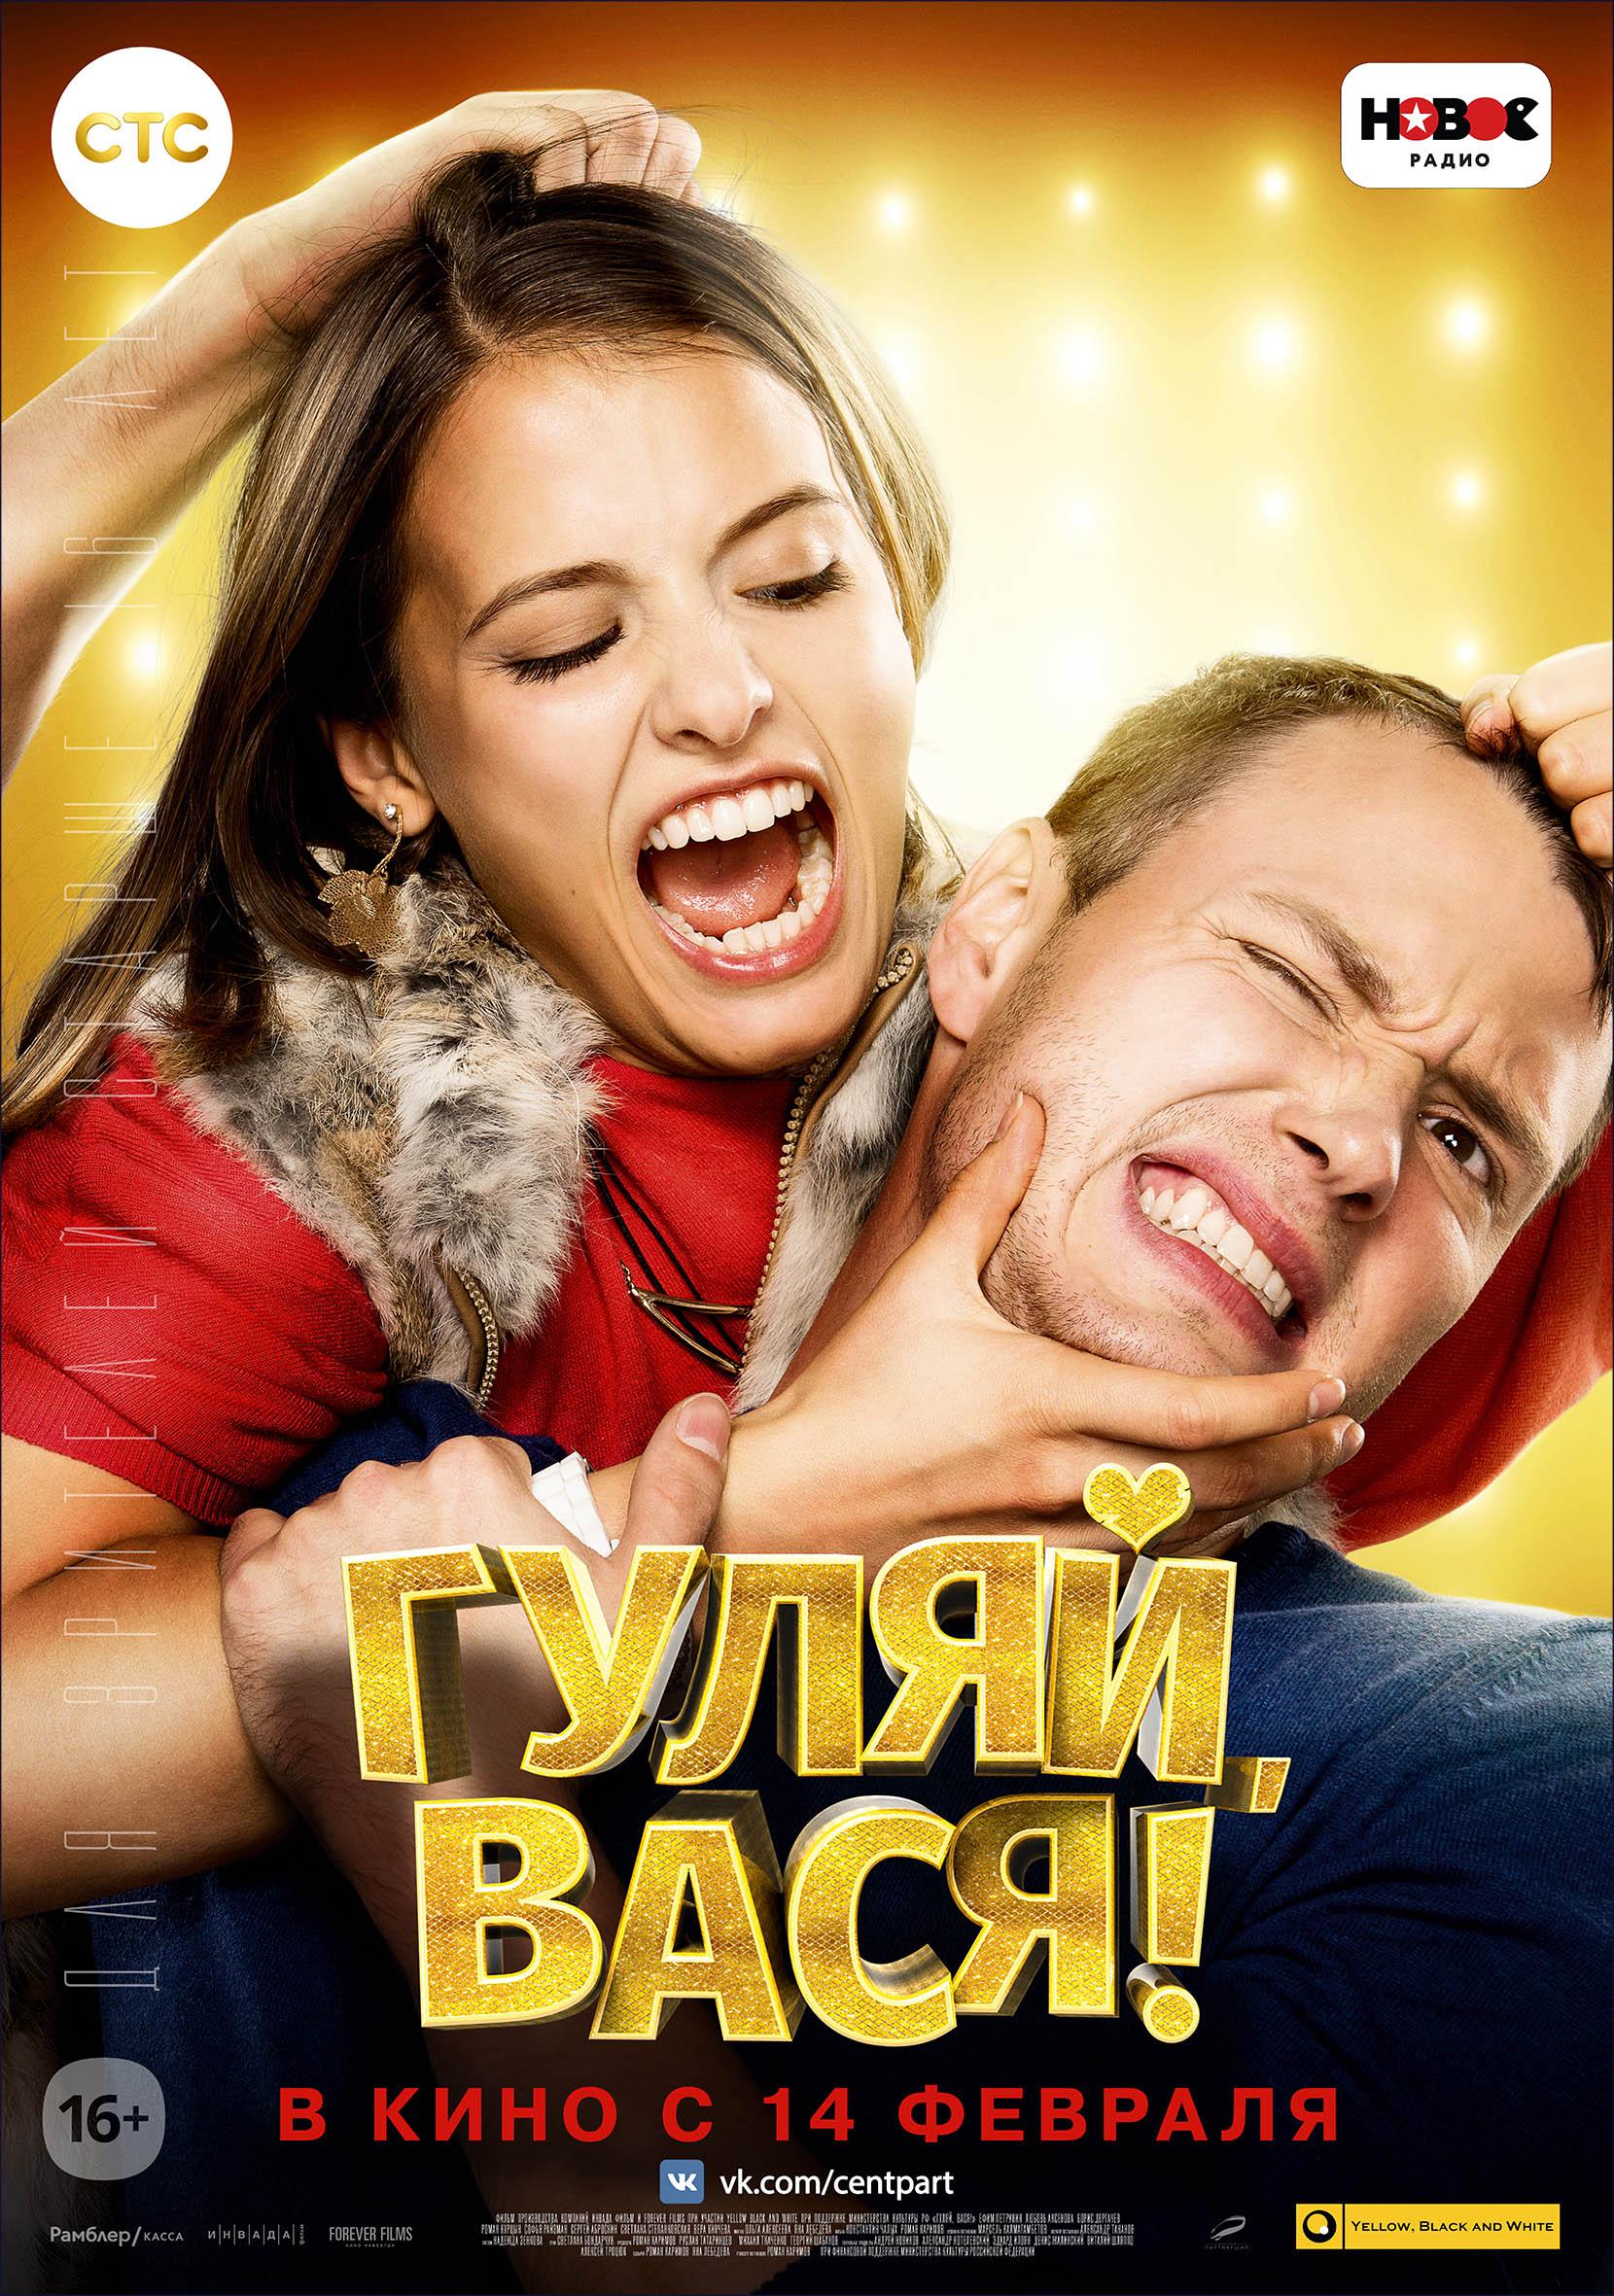 Гуляй Вася 2017 смотреть онлайн или скачать фильм через